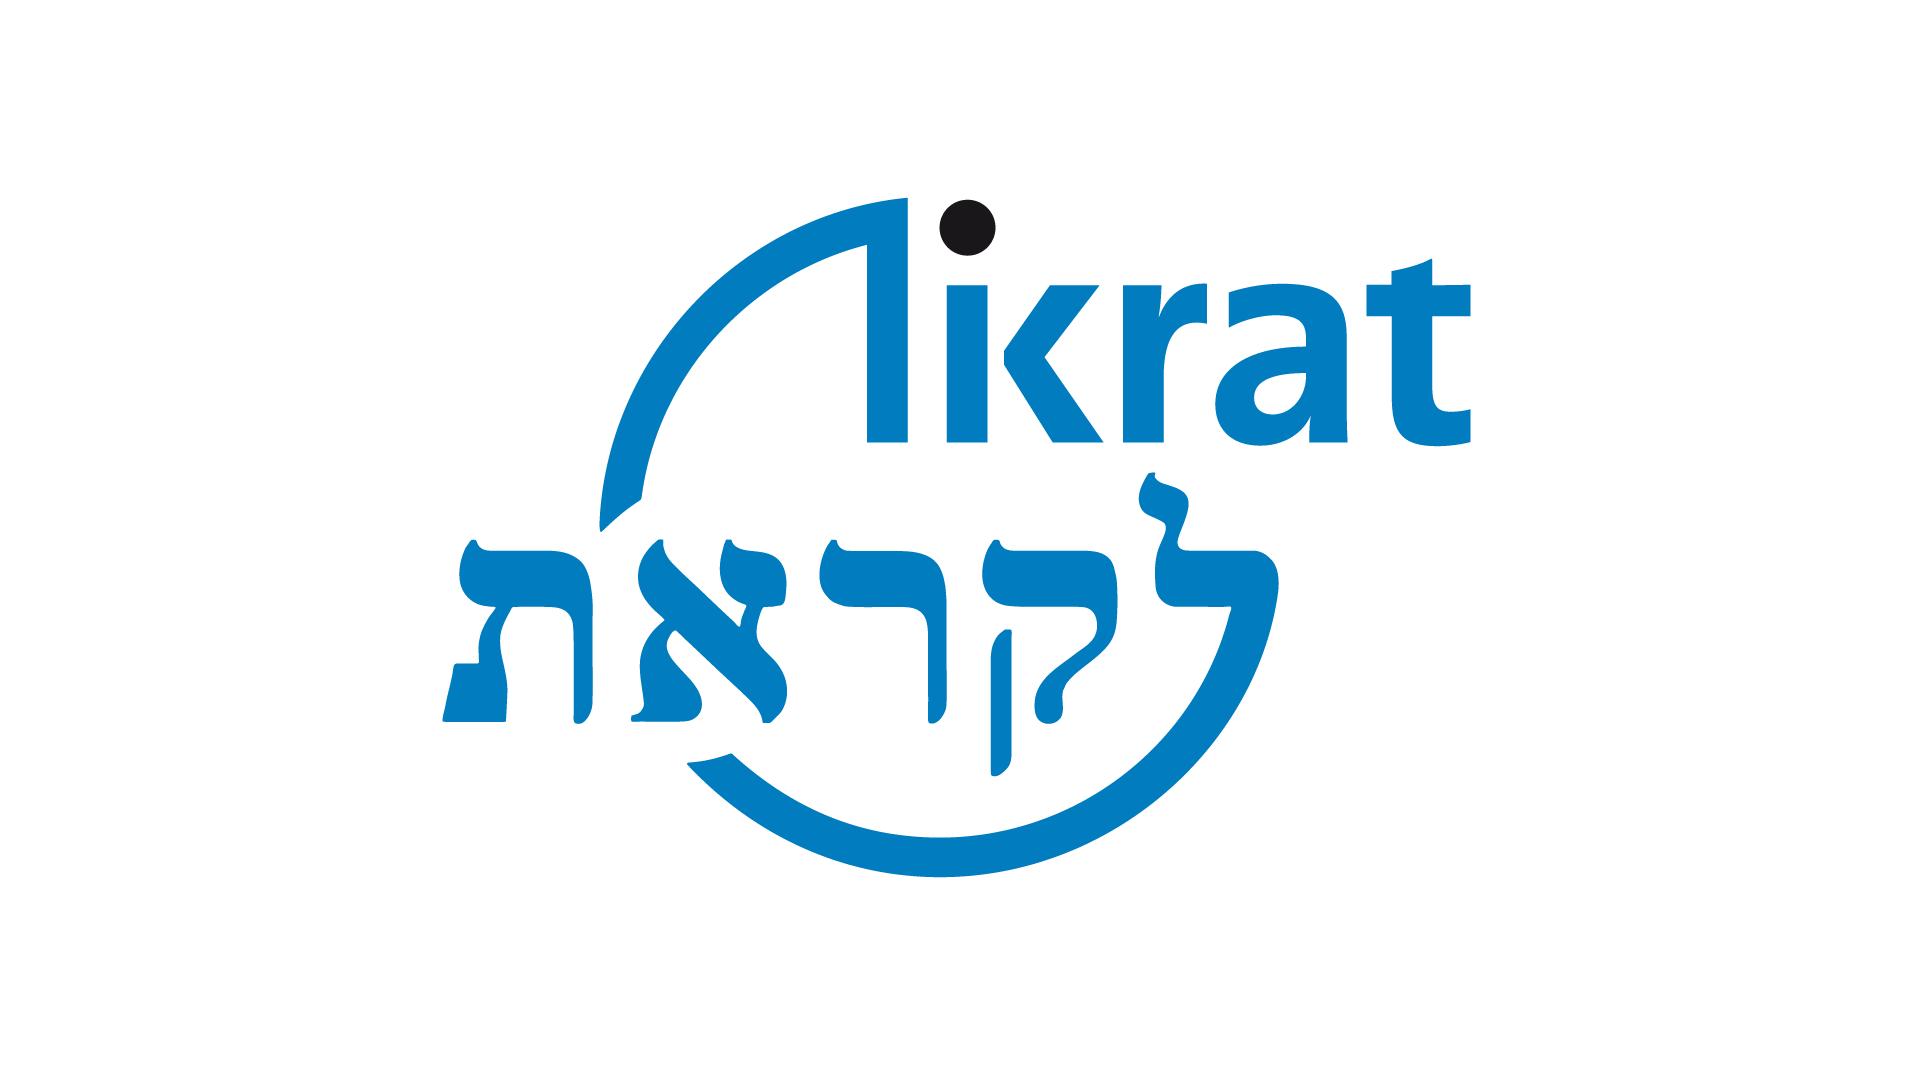 Likrat, Jugend und Dialog, Hochschule für Jüdische Studien Heidelberg, Logo, Printmedien, Web